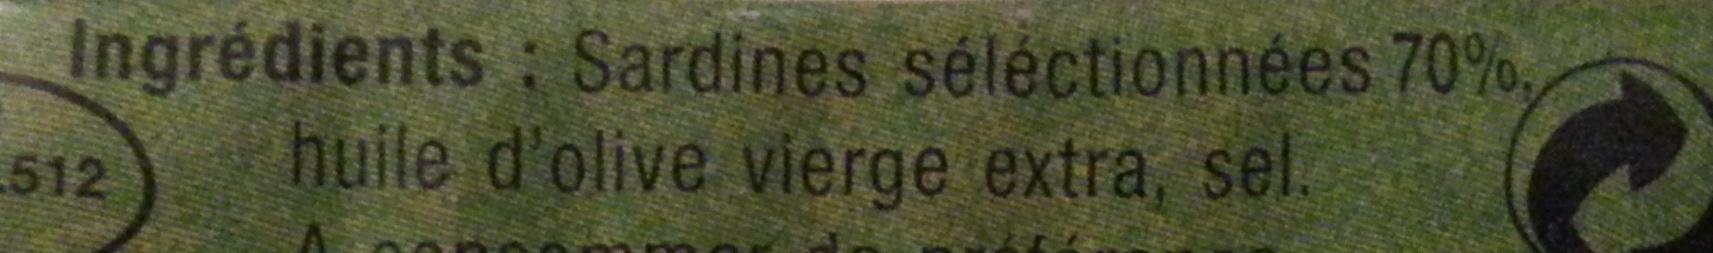 Sardinettes - Ingrediënten